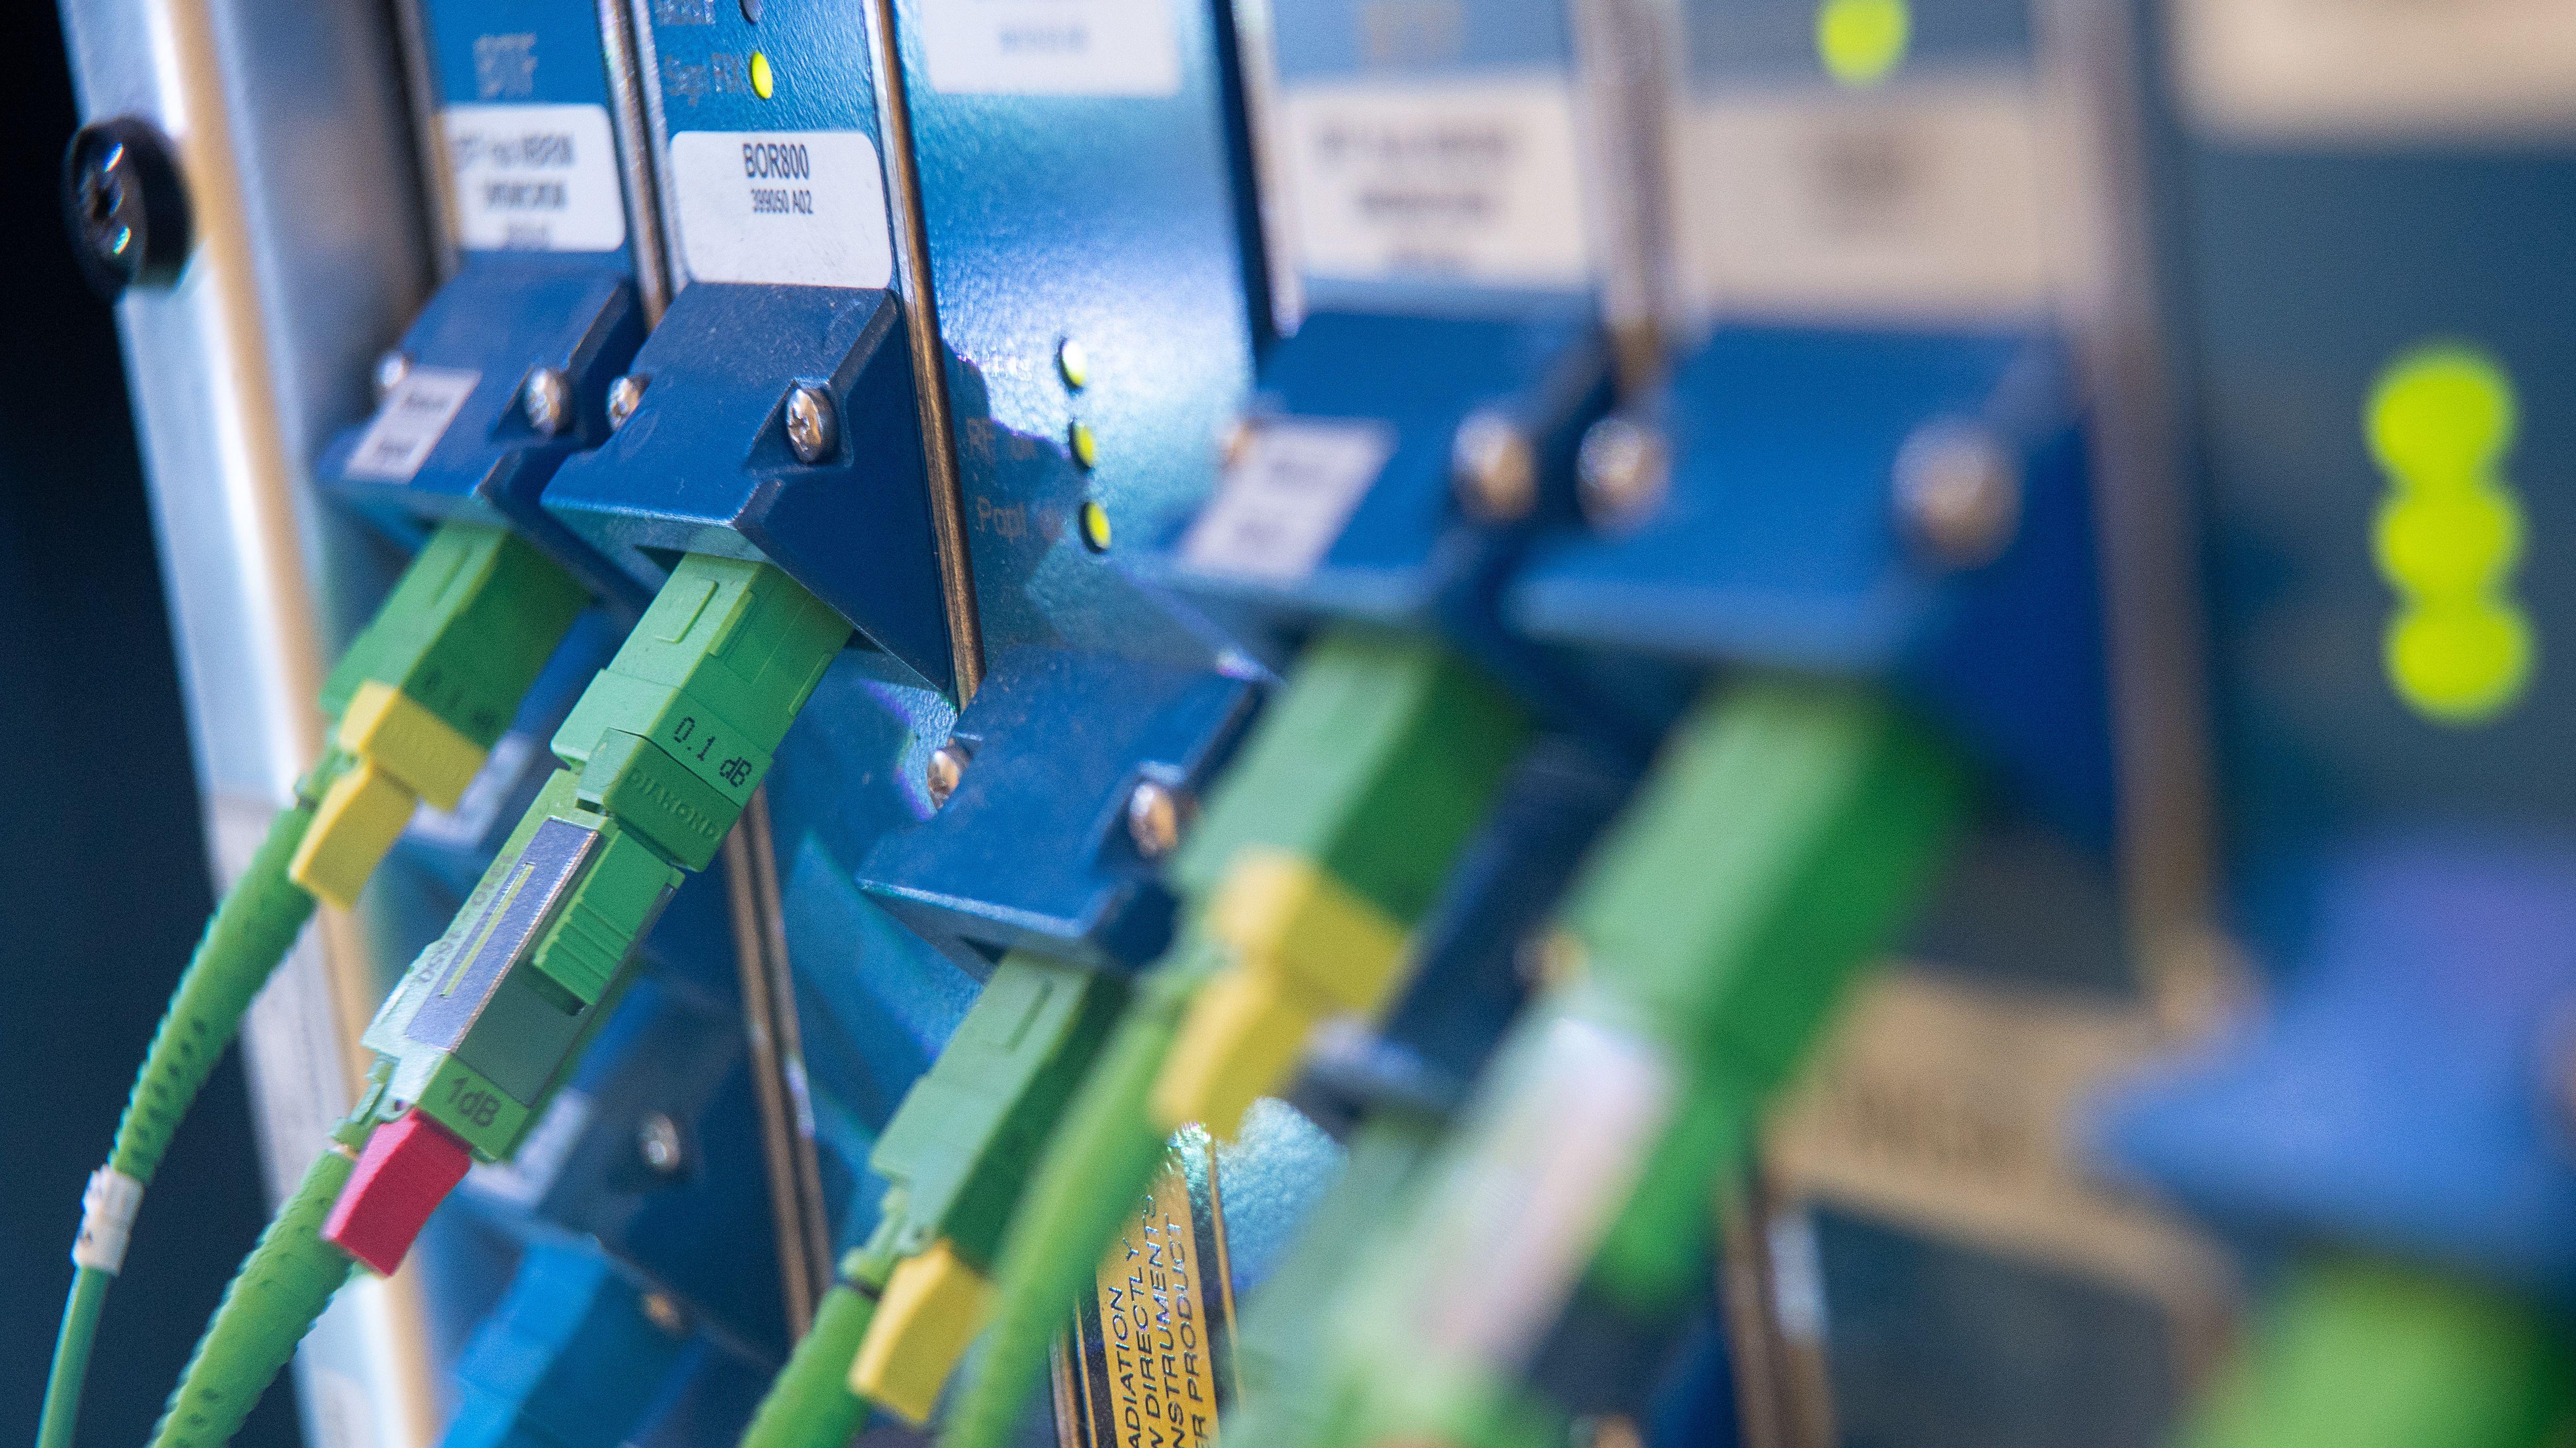 Ethernetkabel stecken in einem Glasfasermodul eines Serverschrankes (Symbolbild)